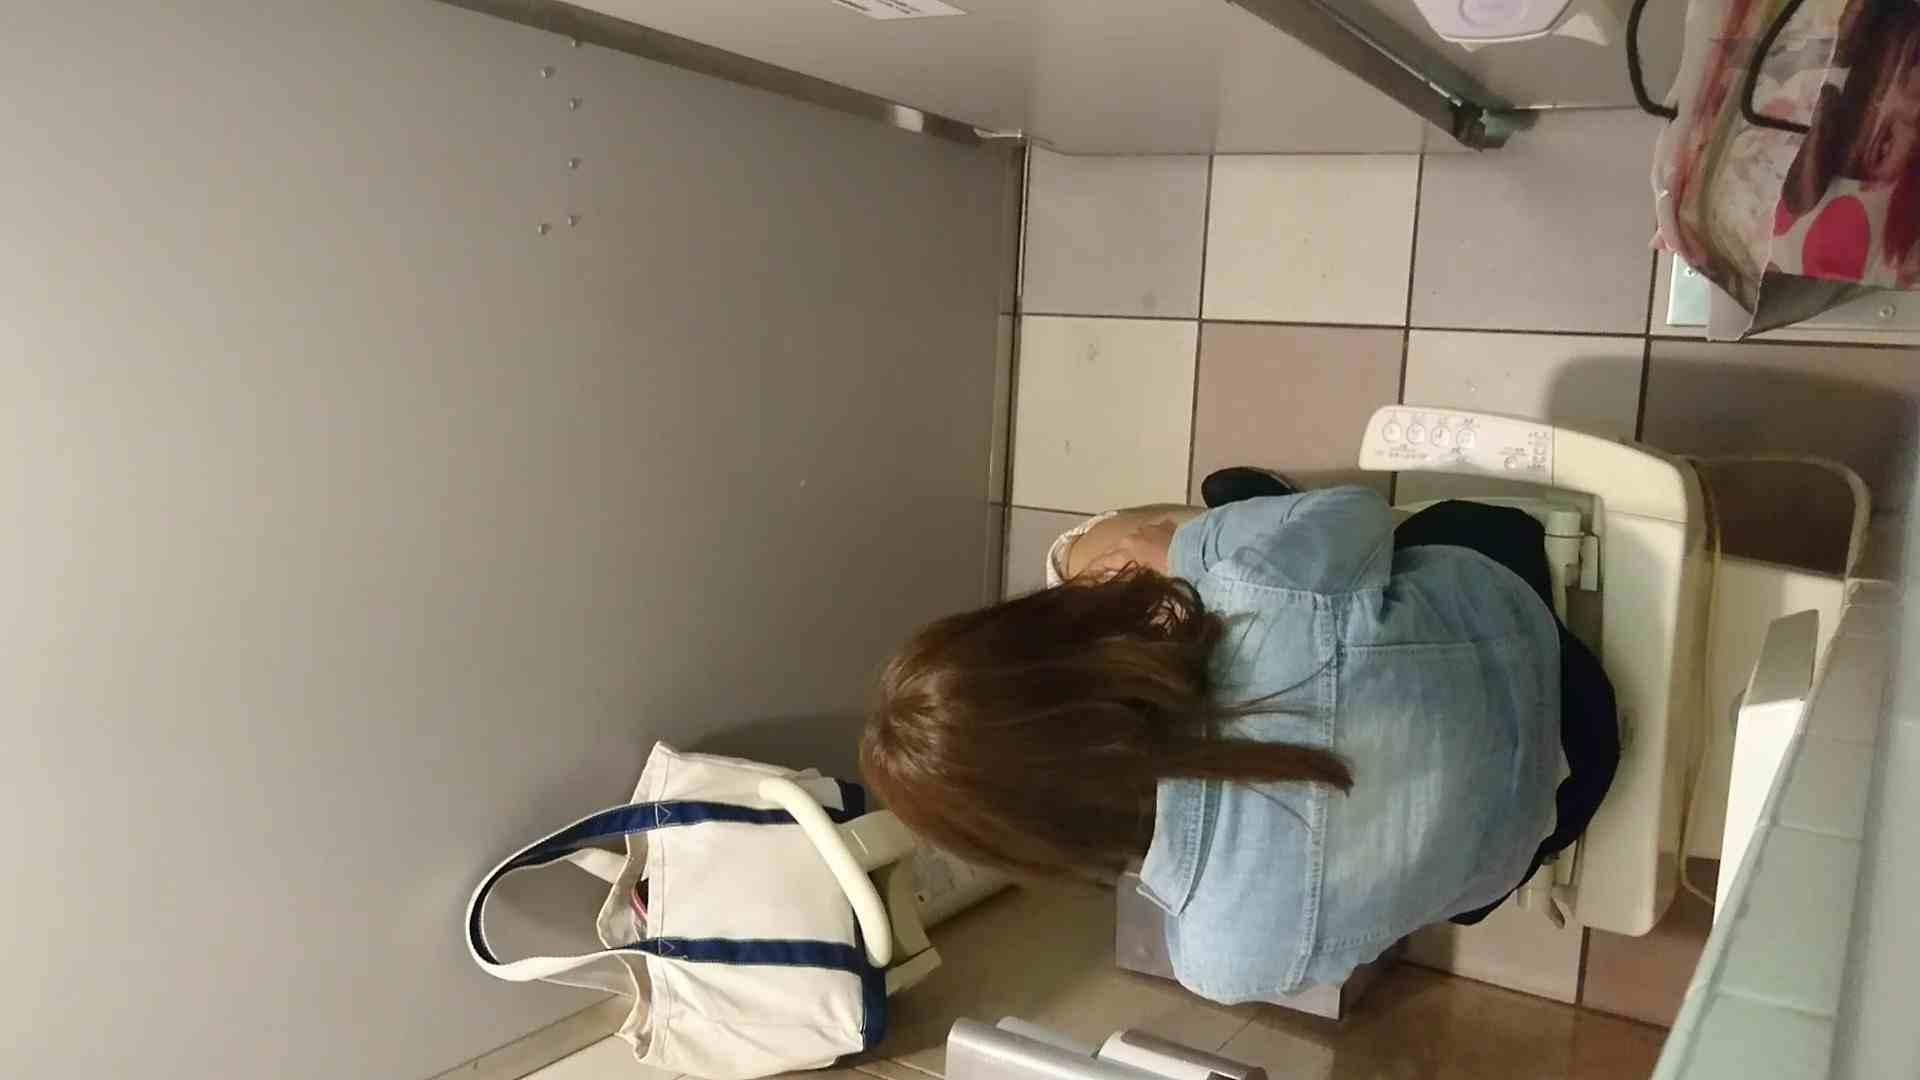 化粧室絵巻 ショッピングモール編 VOL.17 盛合せ  100PIX 22